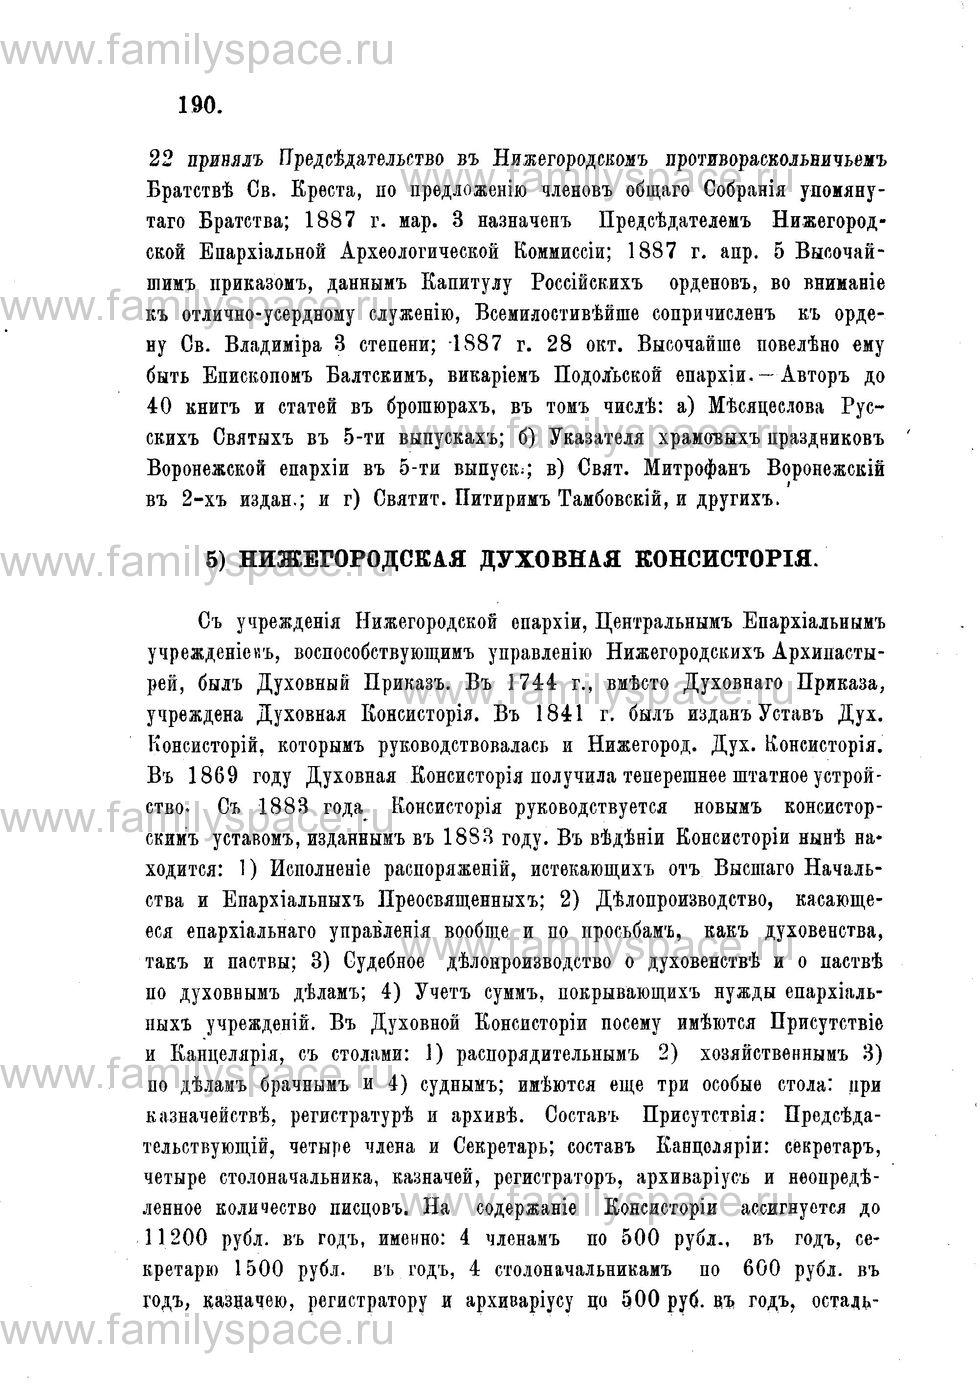 Поиск по фамилии - Адрес-календарь Нижегородской епархии на 1888 год, страница 1190